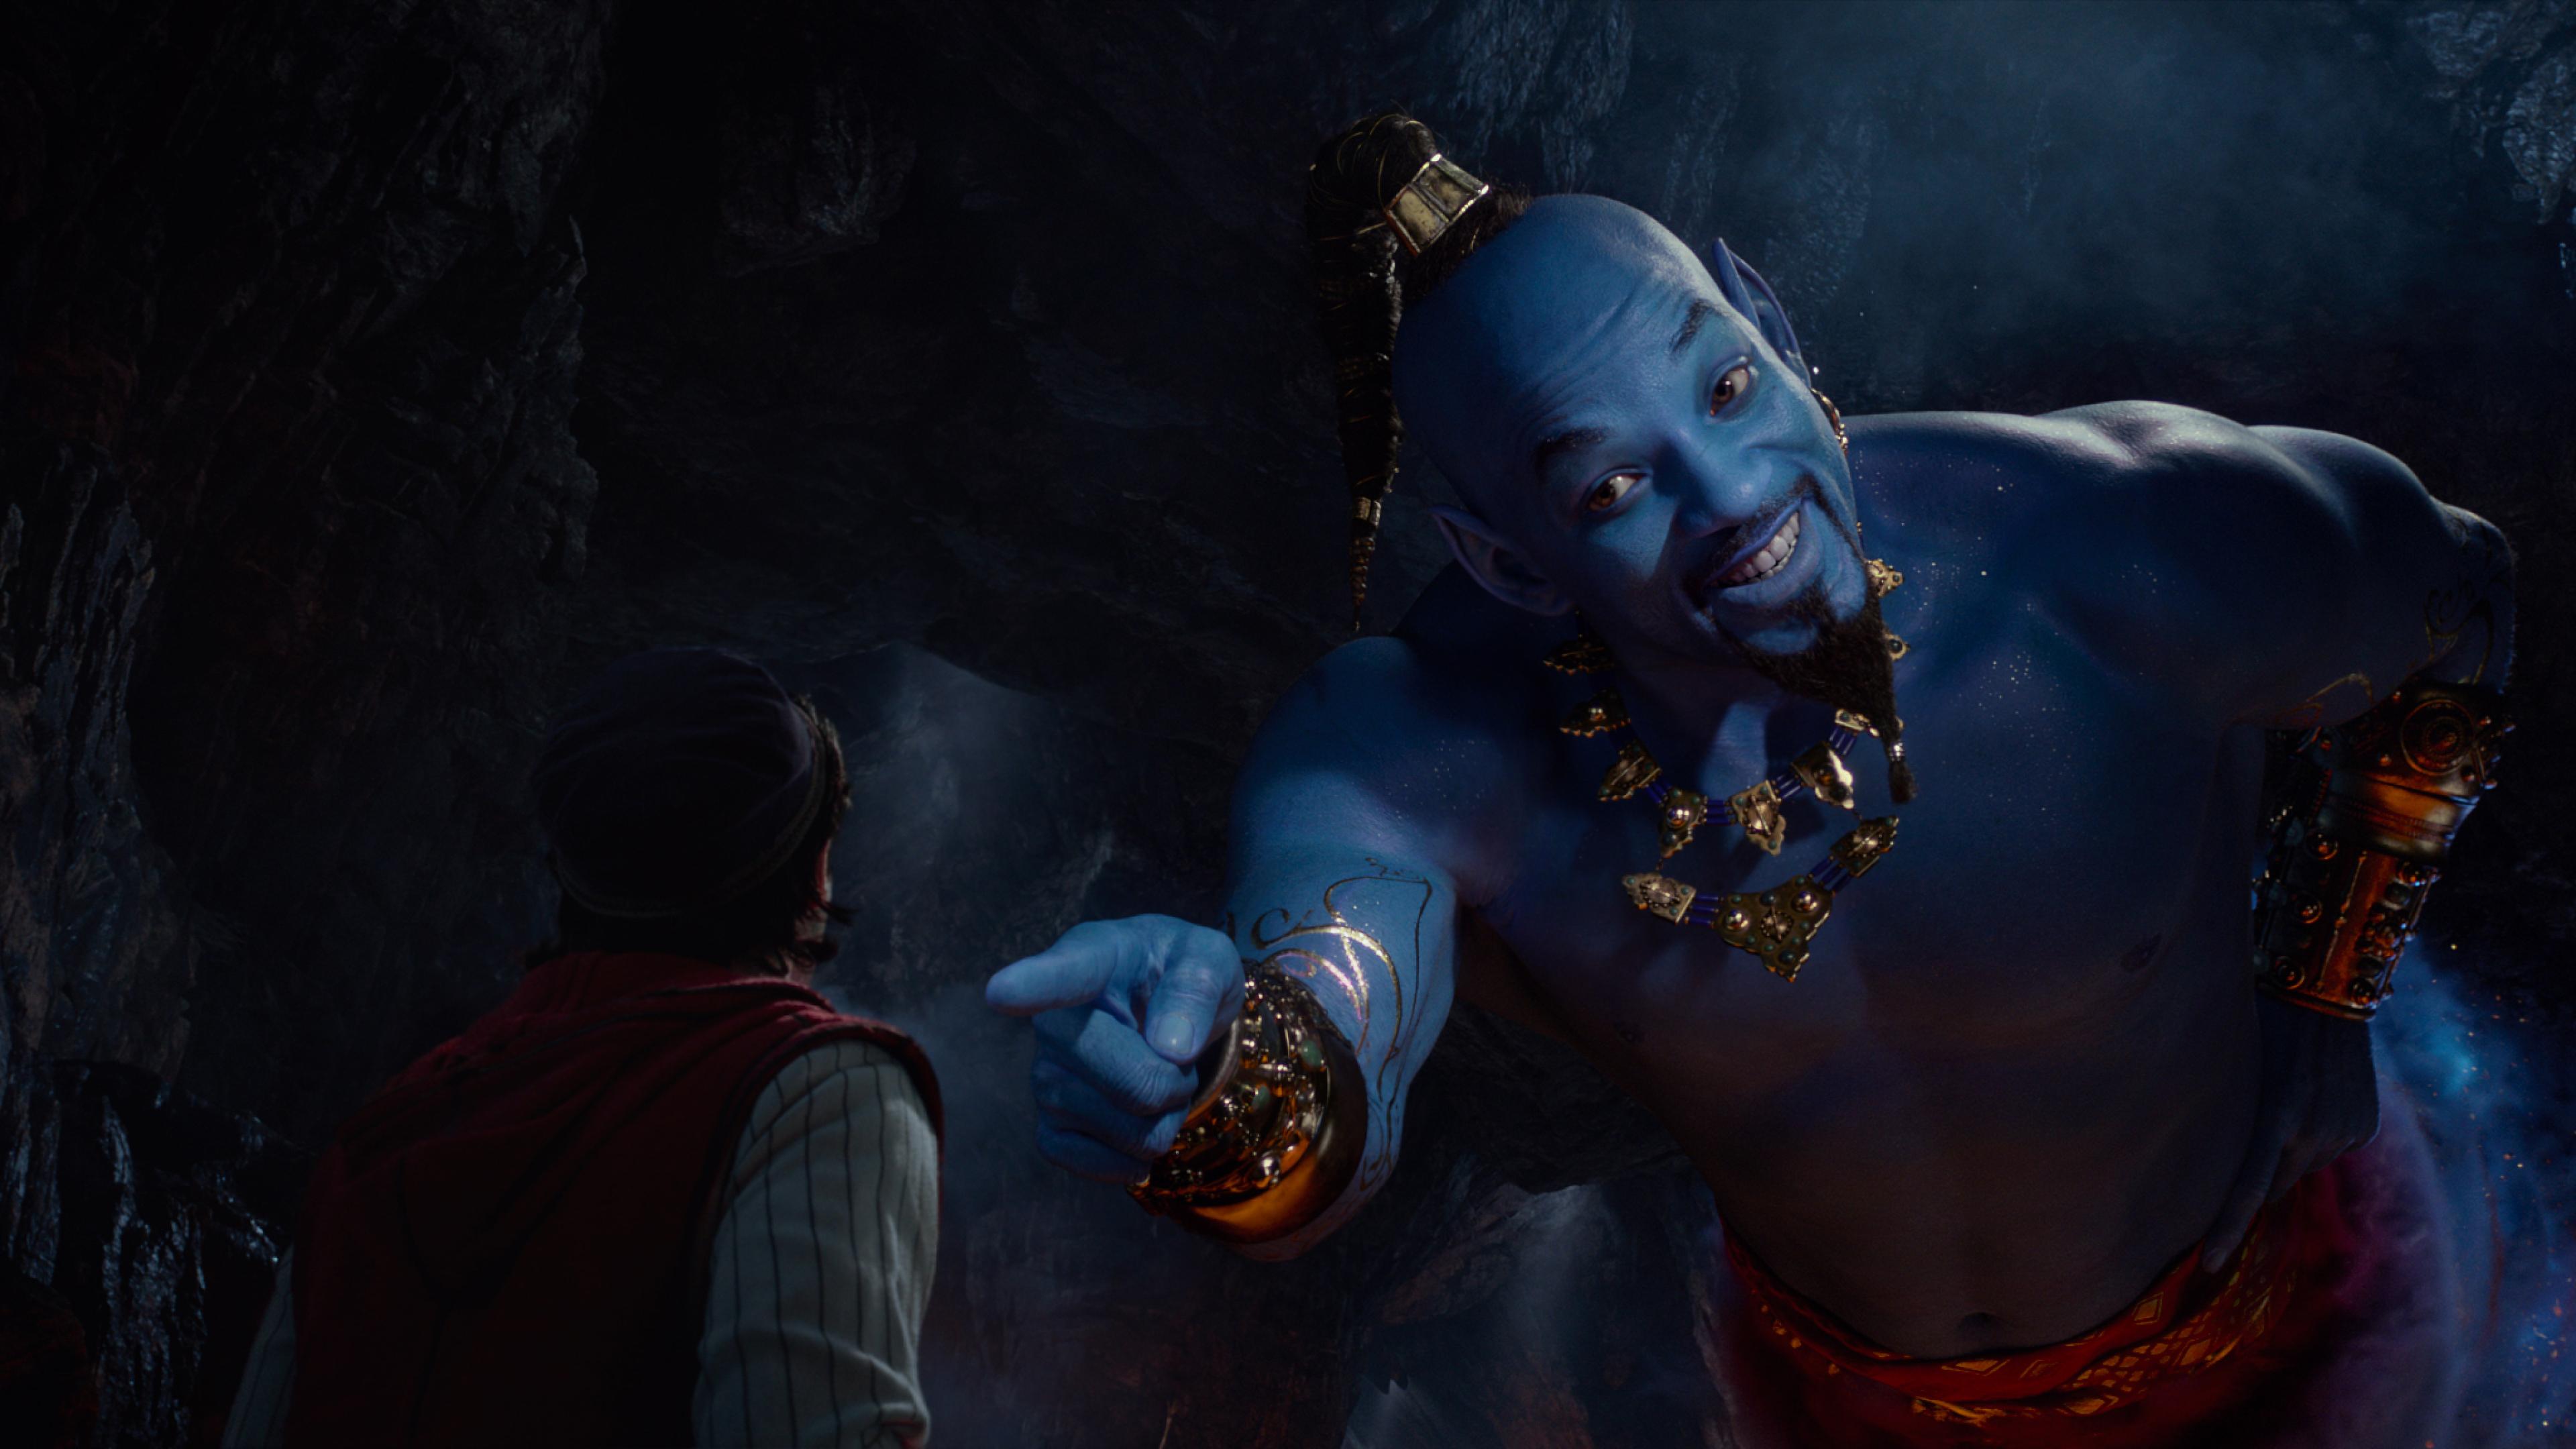 3840x2160 Will Smith as Genie In Aladdin Movie 2019 4K Wallpaper 3840x2160